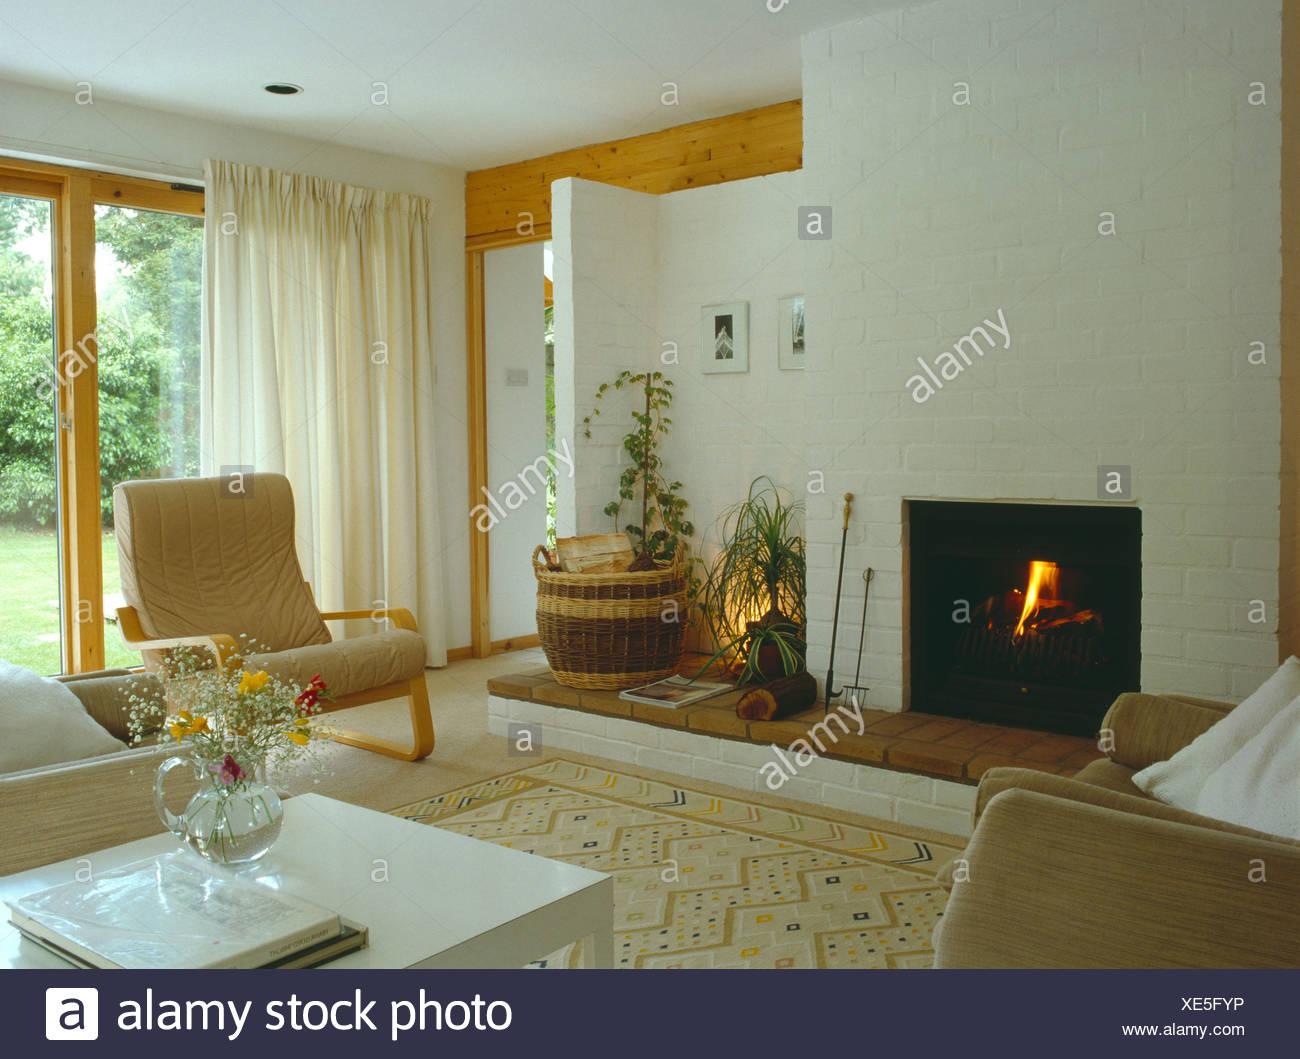 Tende Soggiorno Bianche : Acceso il fuoco e tende bianche nel soggiorno moderno con lo stile